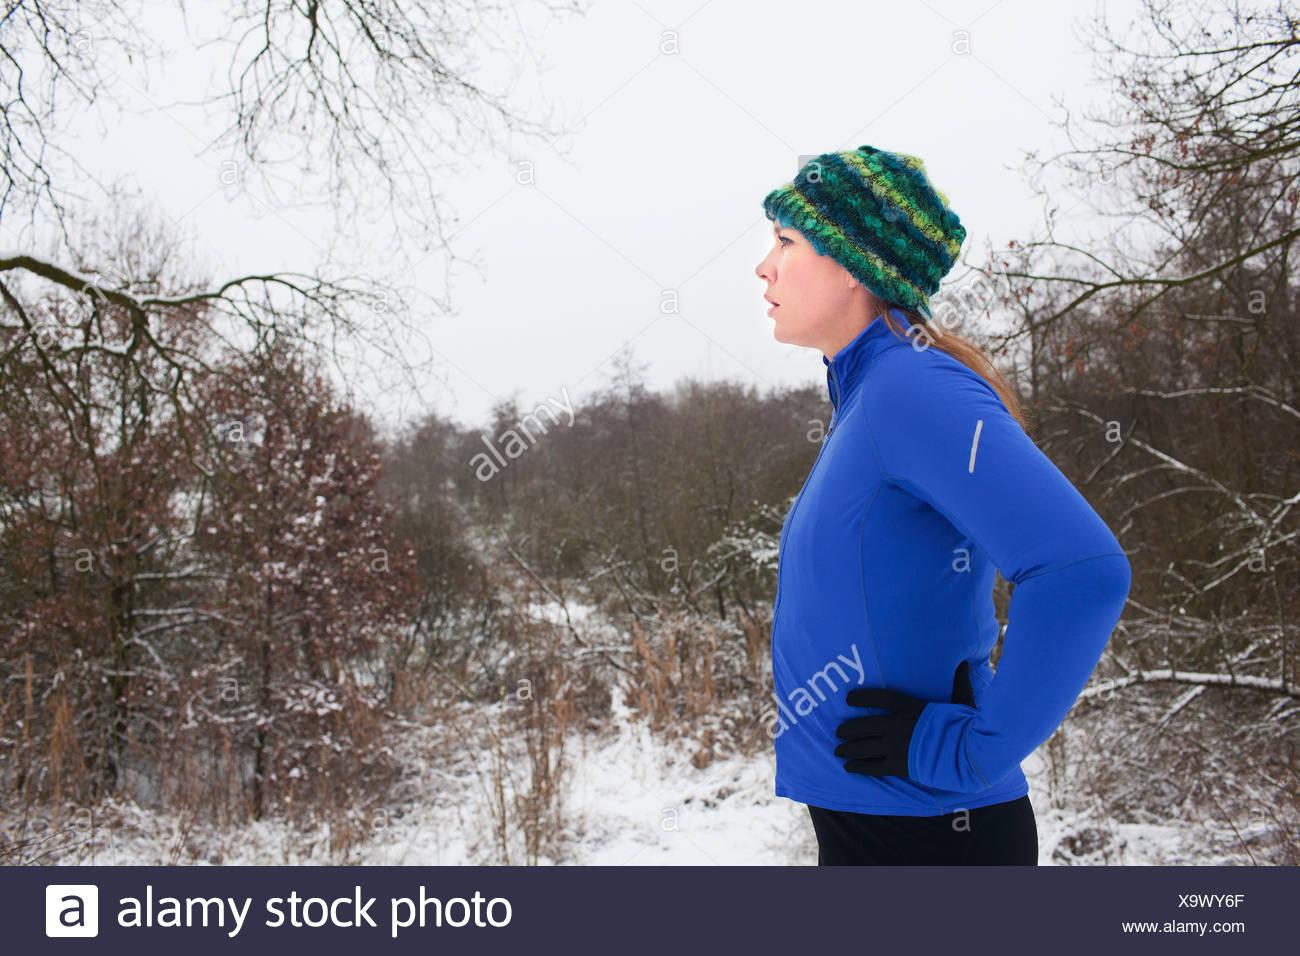 Femminile prendendo una pausa in scena invernale Immagini Stock